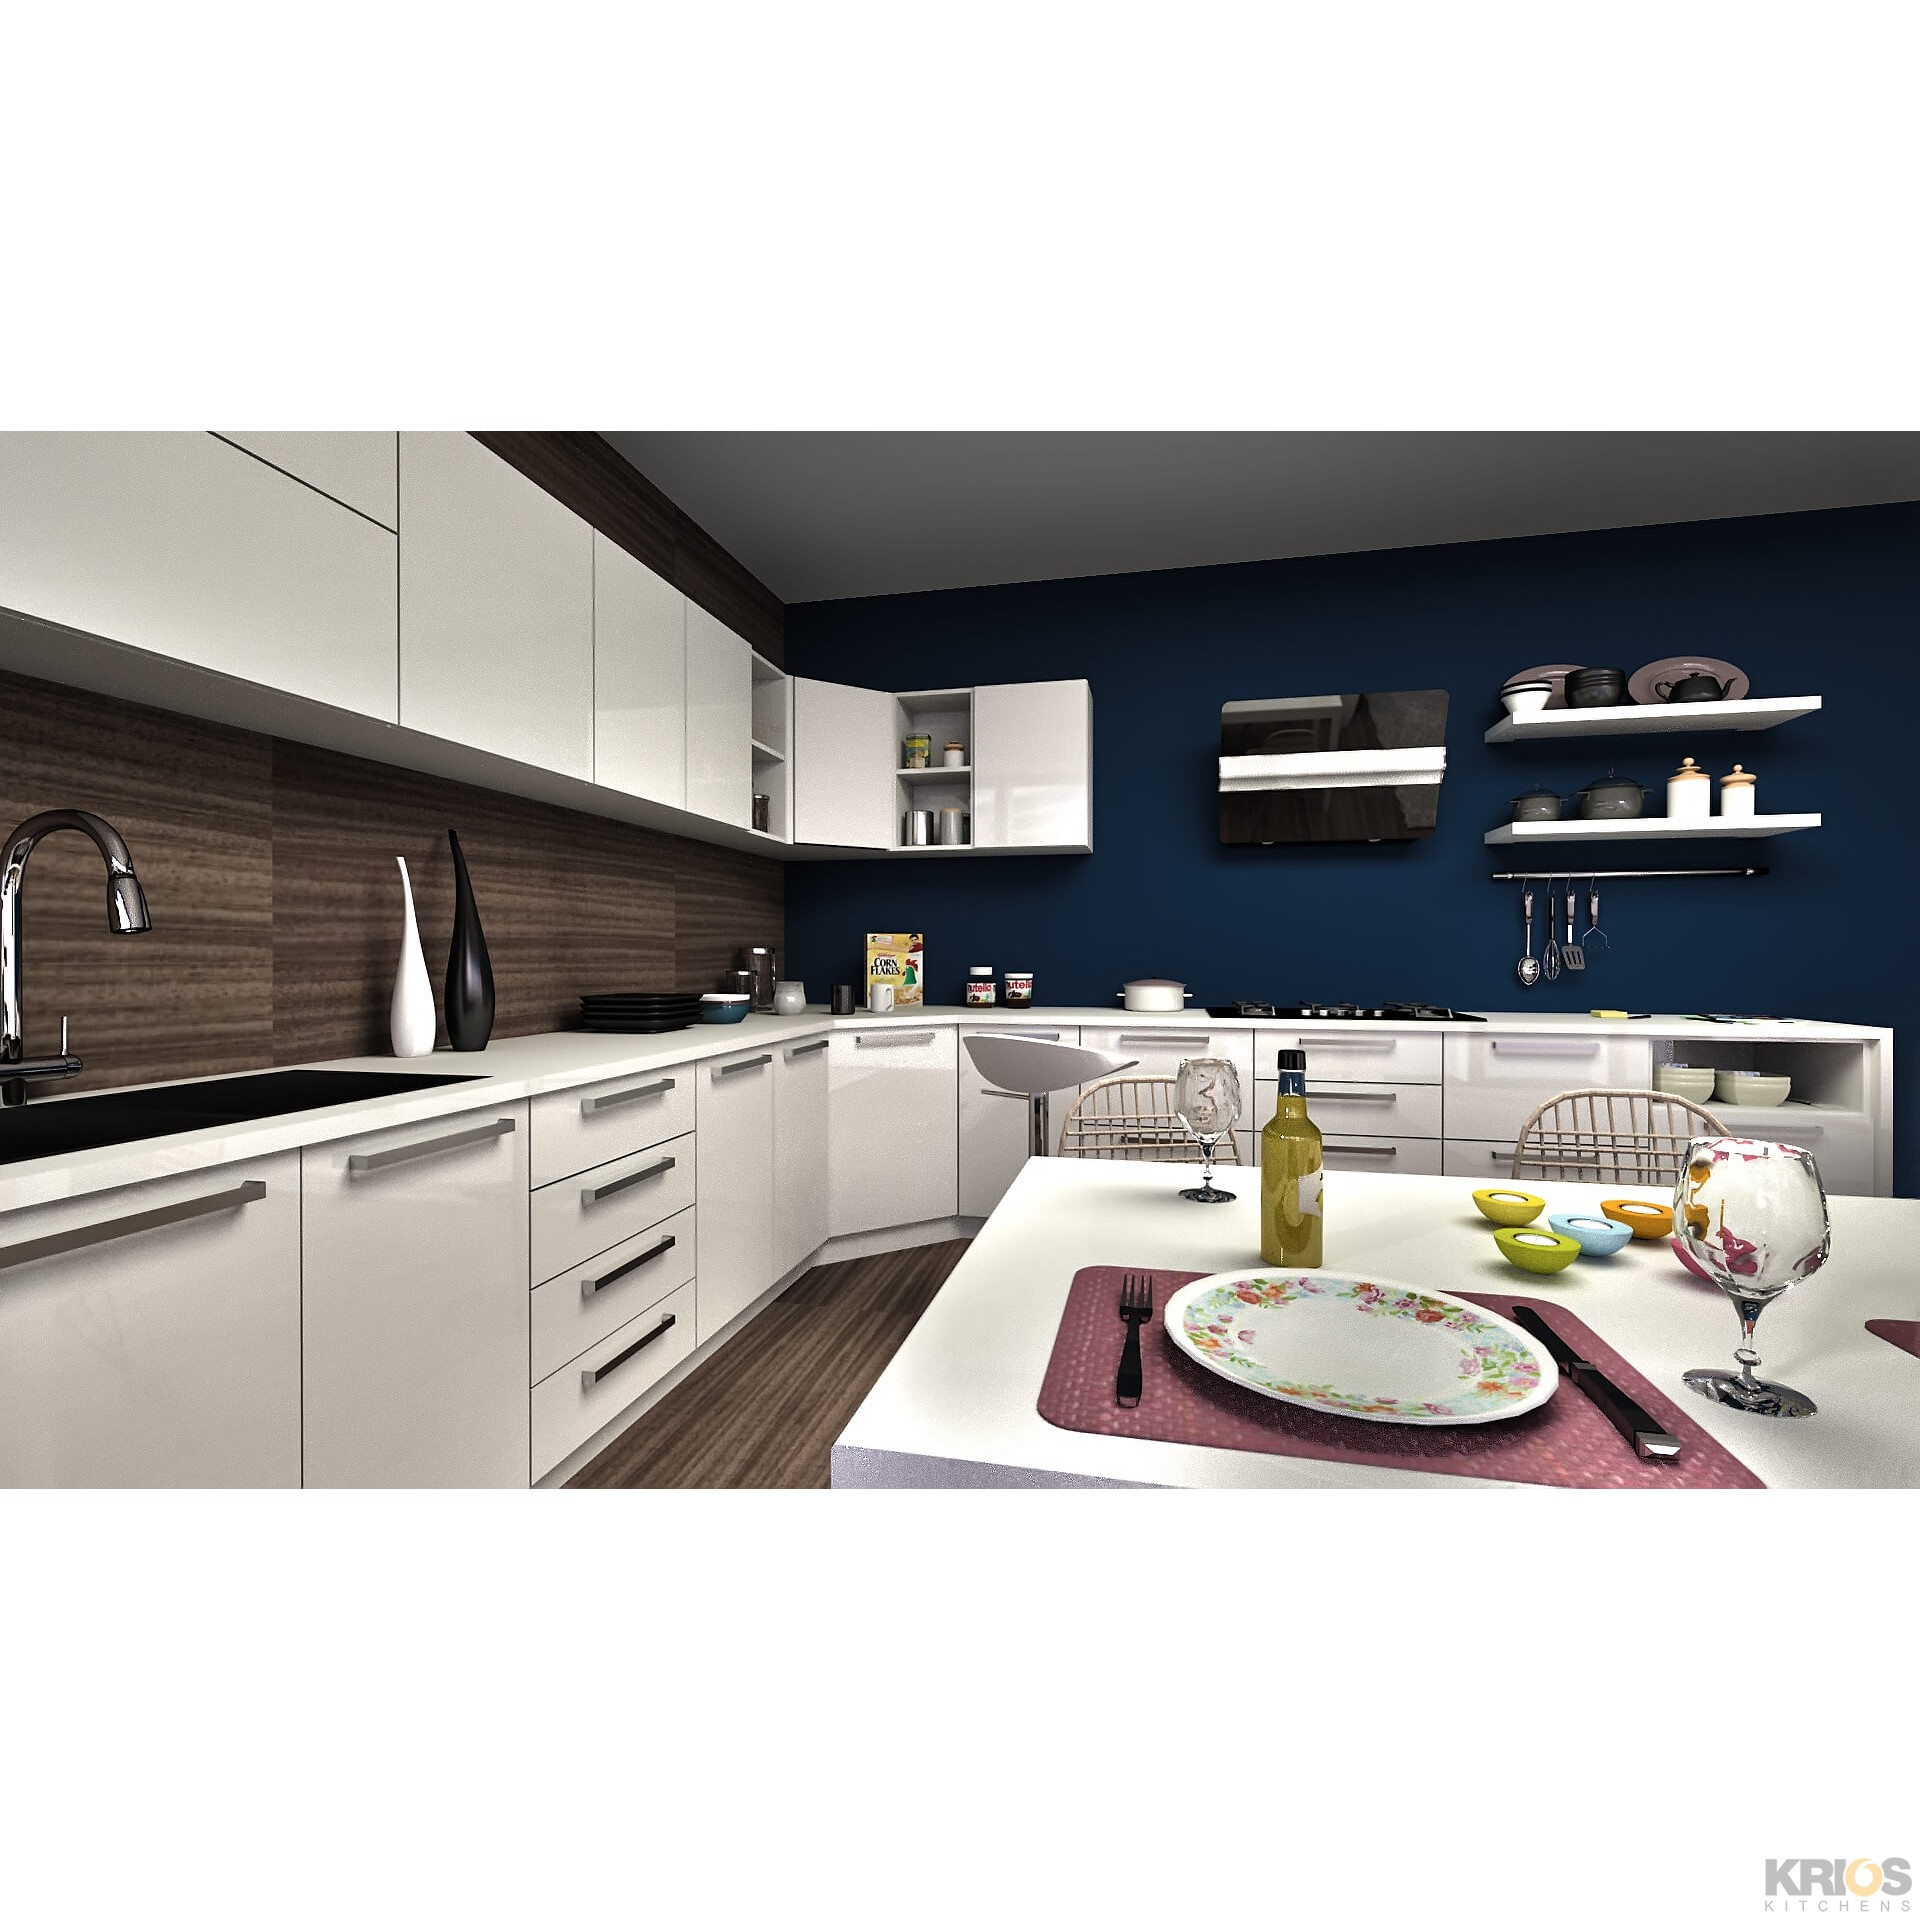 White Kitchen L Shape: Modular Kitchens